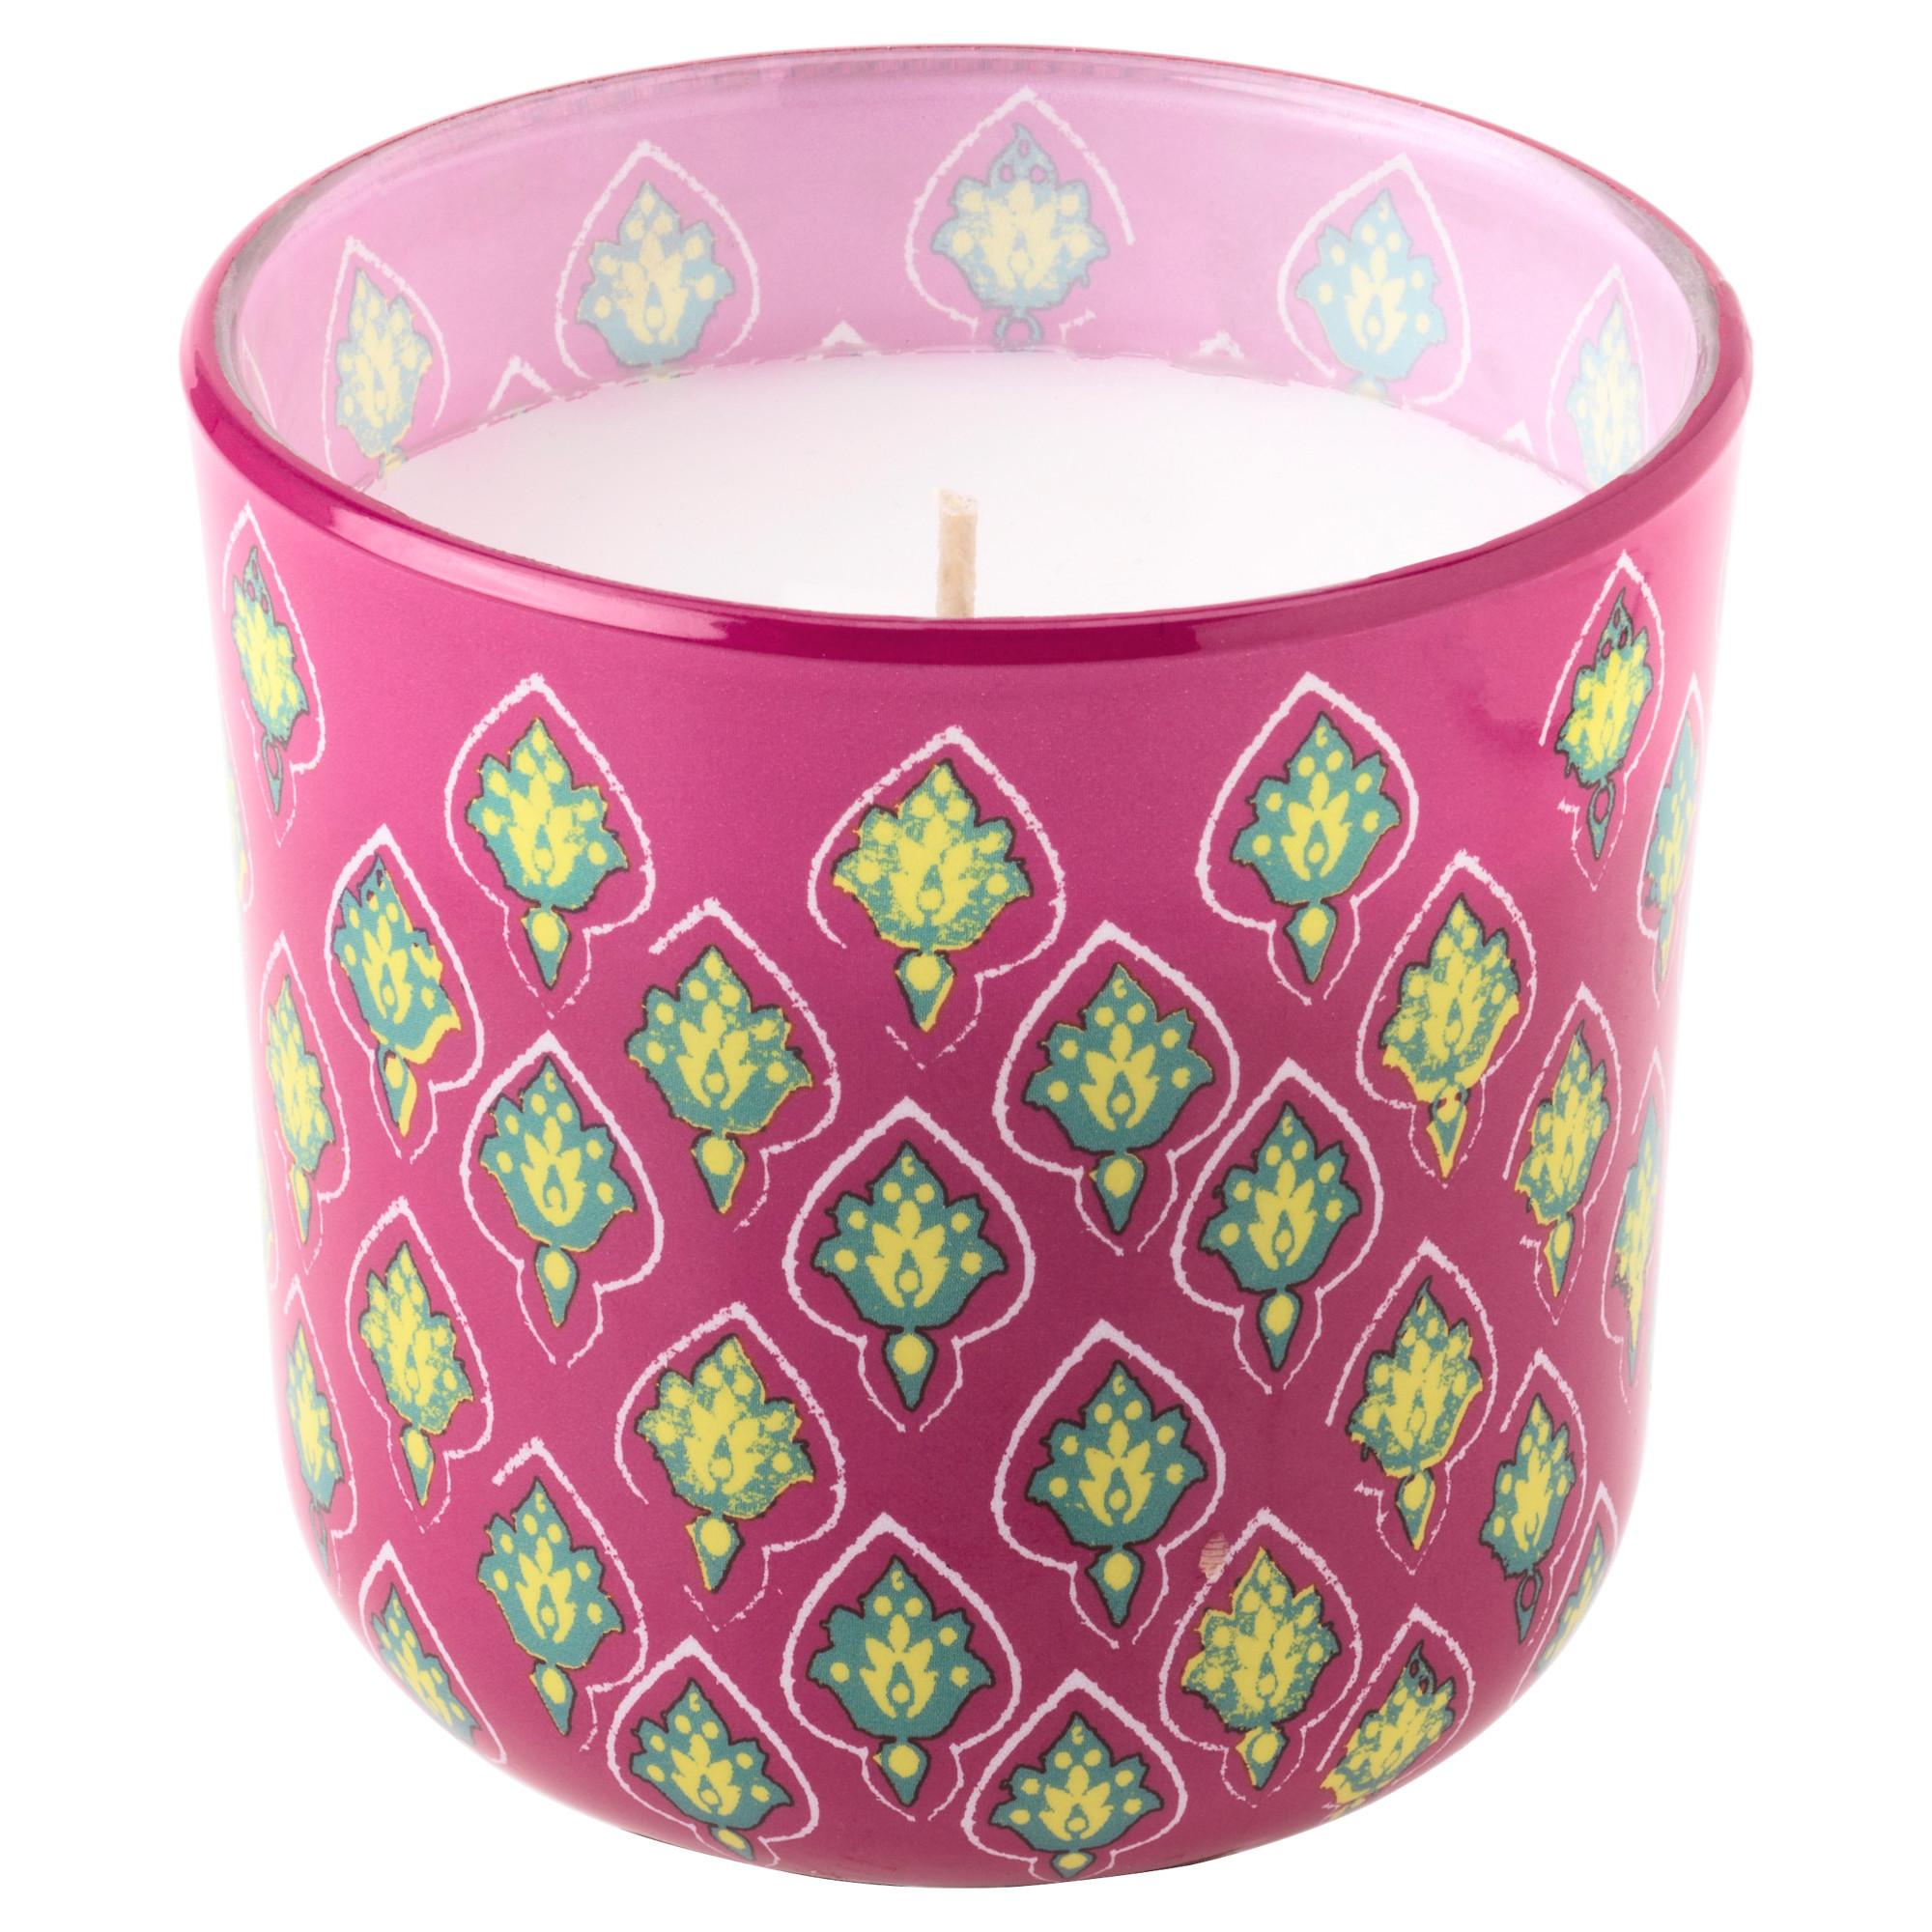 Ароматическая свеча в стакане СОММАР 2017 розовый артикуль № 703.345.47 в наличии. Интернет магазин IKEA Минск. Недорогая доставка и установка.